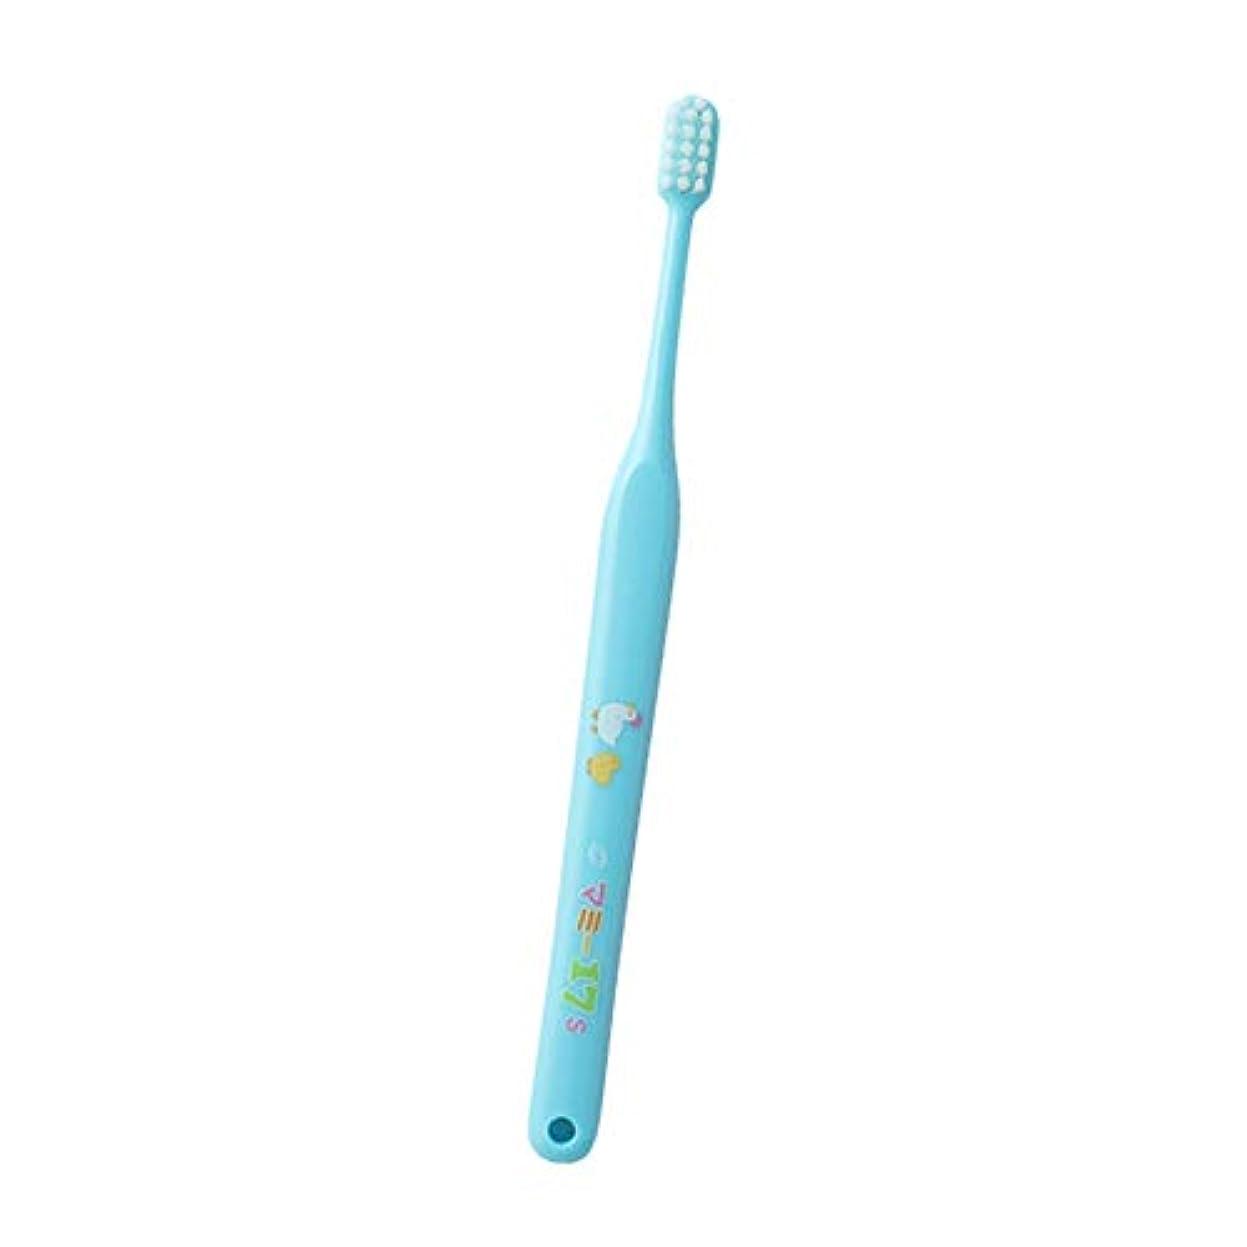 例感じスピーカーオーラルケア マミー17歯ブラシ 1本 (ソフト(S)ブルー)